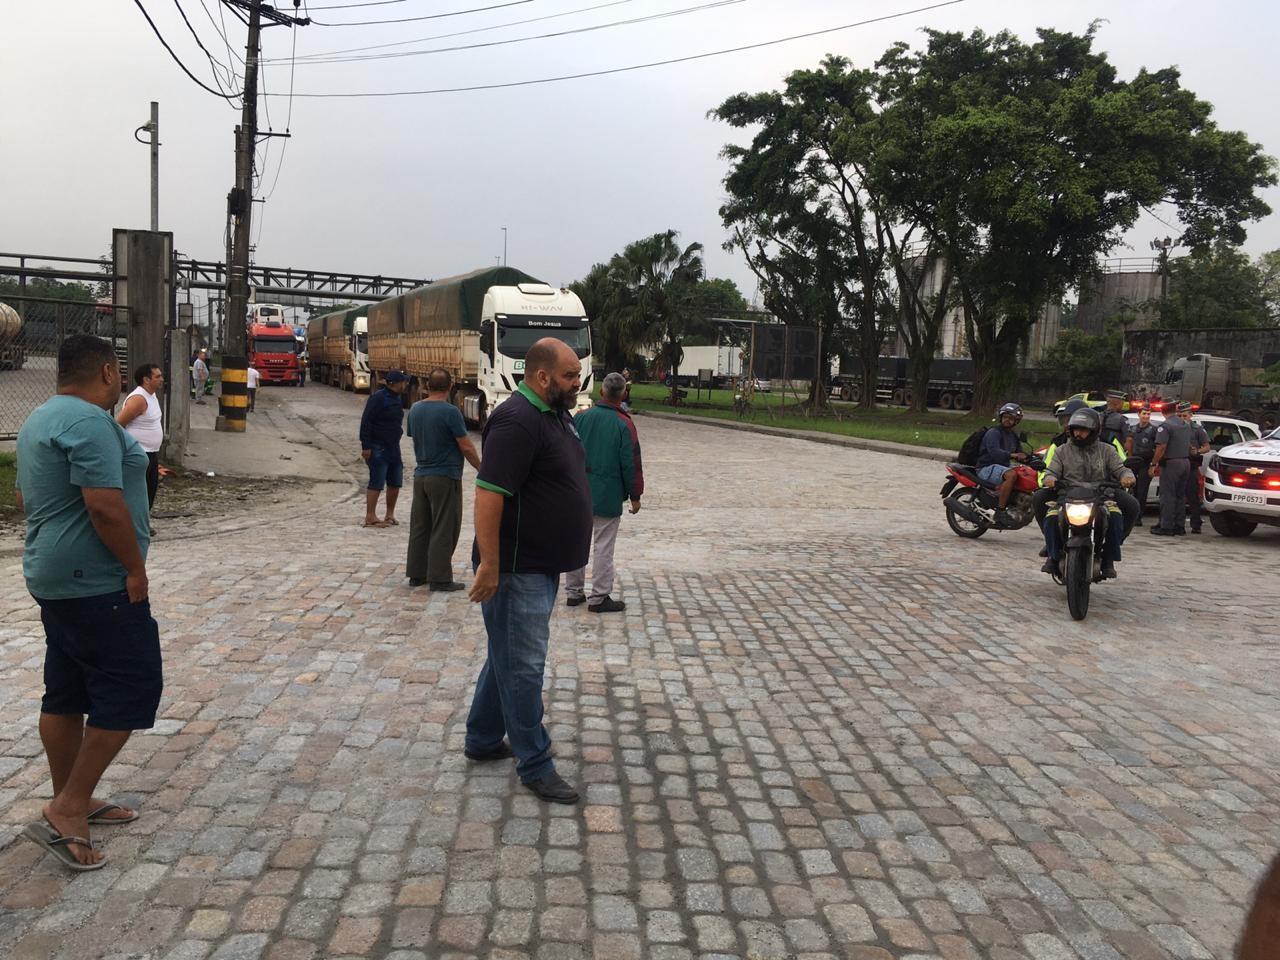 Caminhoneiros fazem paralisação de 24 horas no Porto de Santos, SP